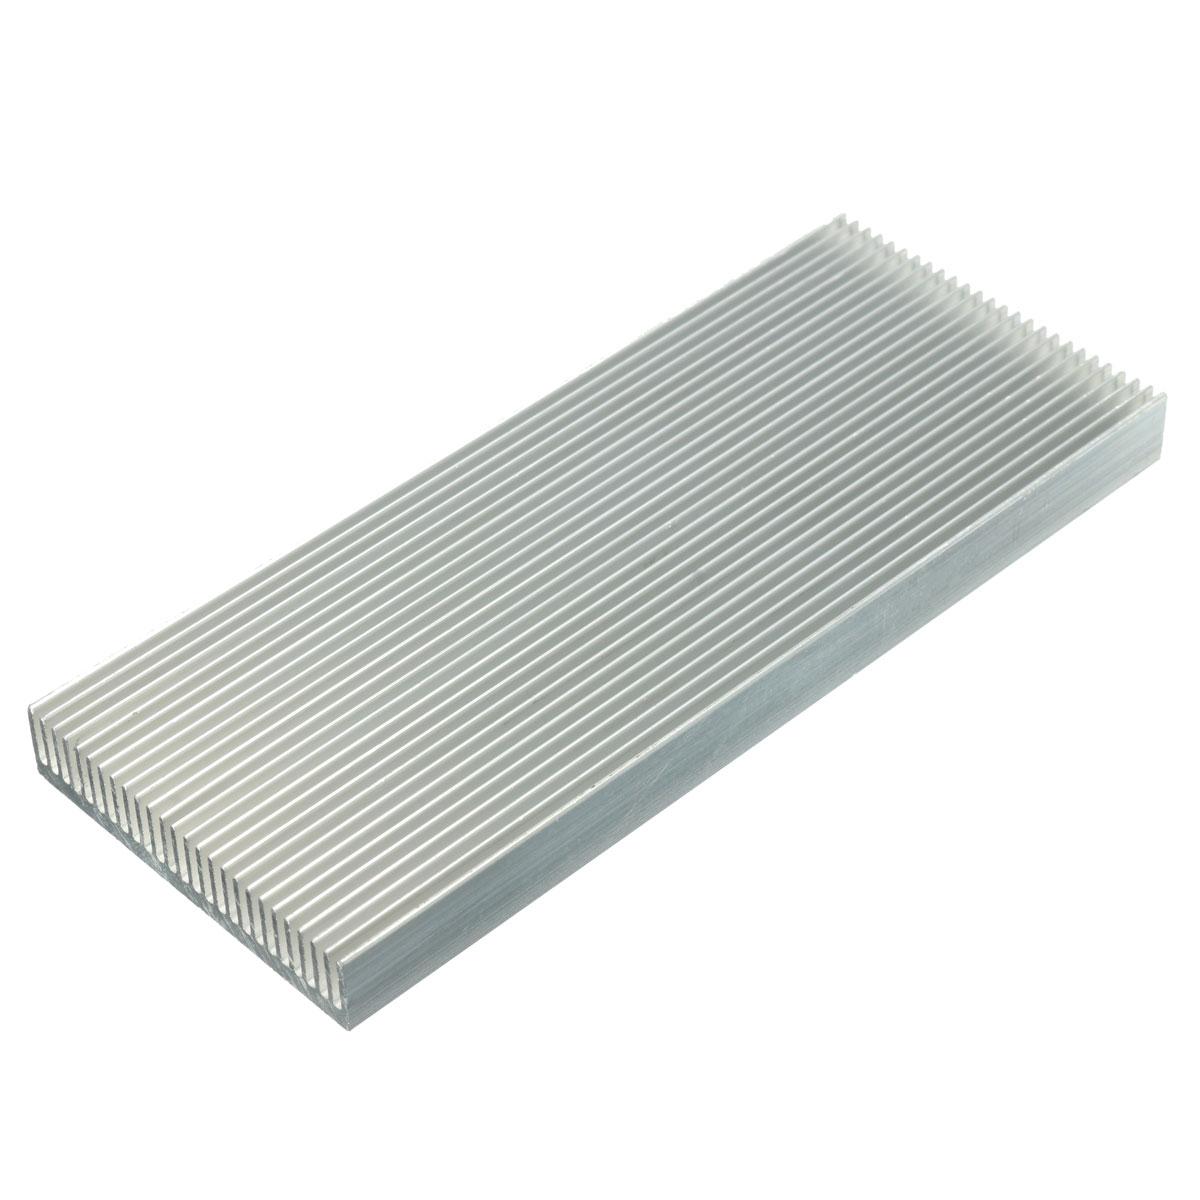 5pcs 100x41x8mm алюминиевый радиатор радиатора радиатора для высокой мощности LED Усилитель Охлаждение транзистора - фото 1